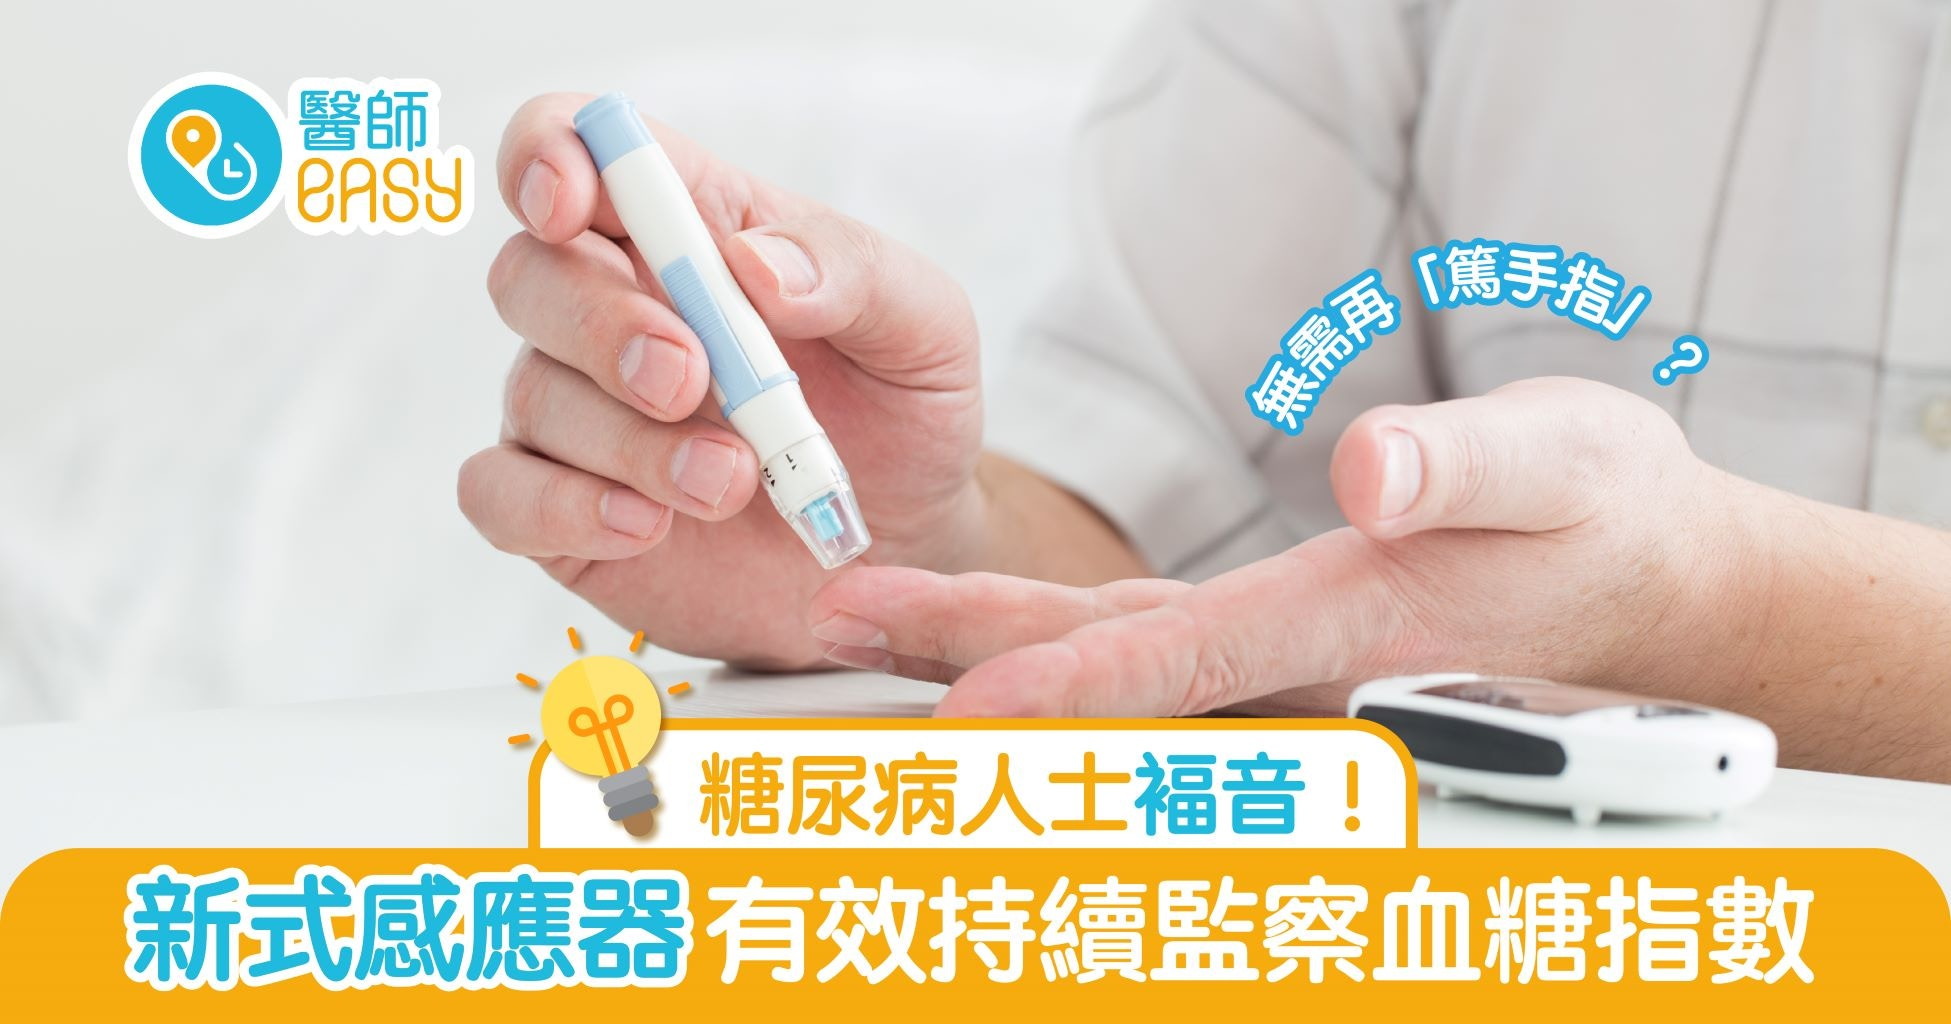 測量血糖不用再「篤手指」 醫生分析—新型葡萄糖監測機優缺